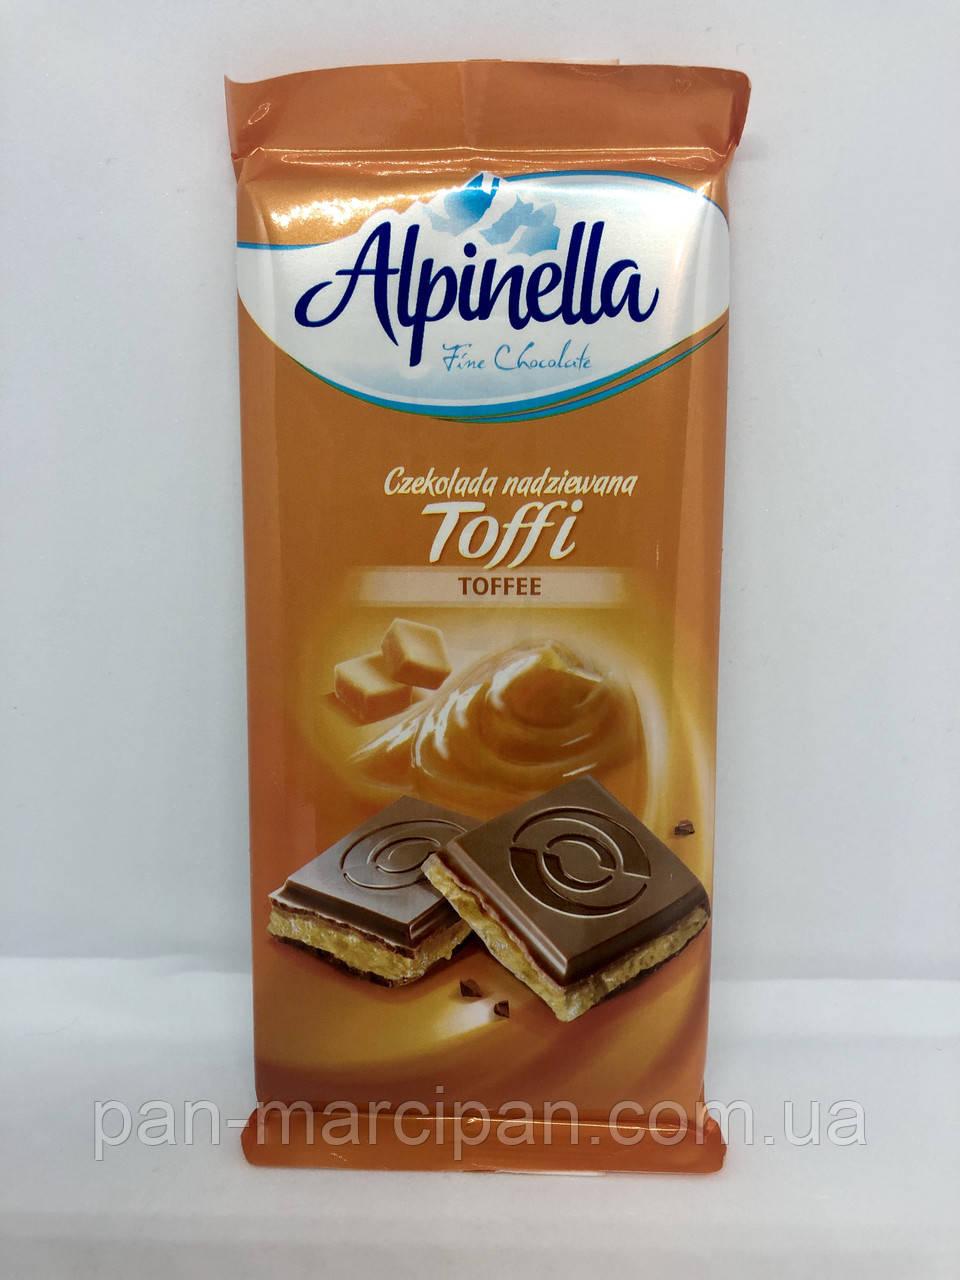 Шоколад Alpinella карамель 100г Польща